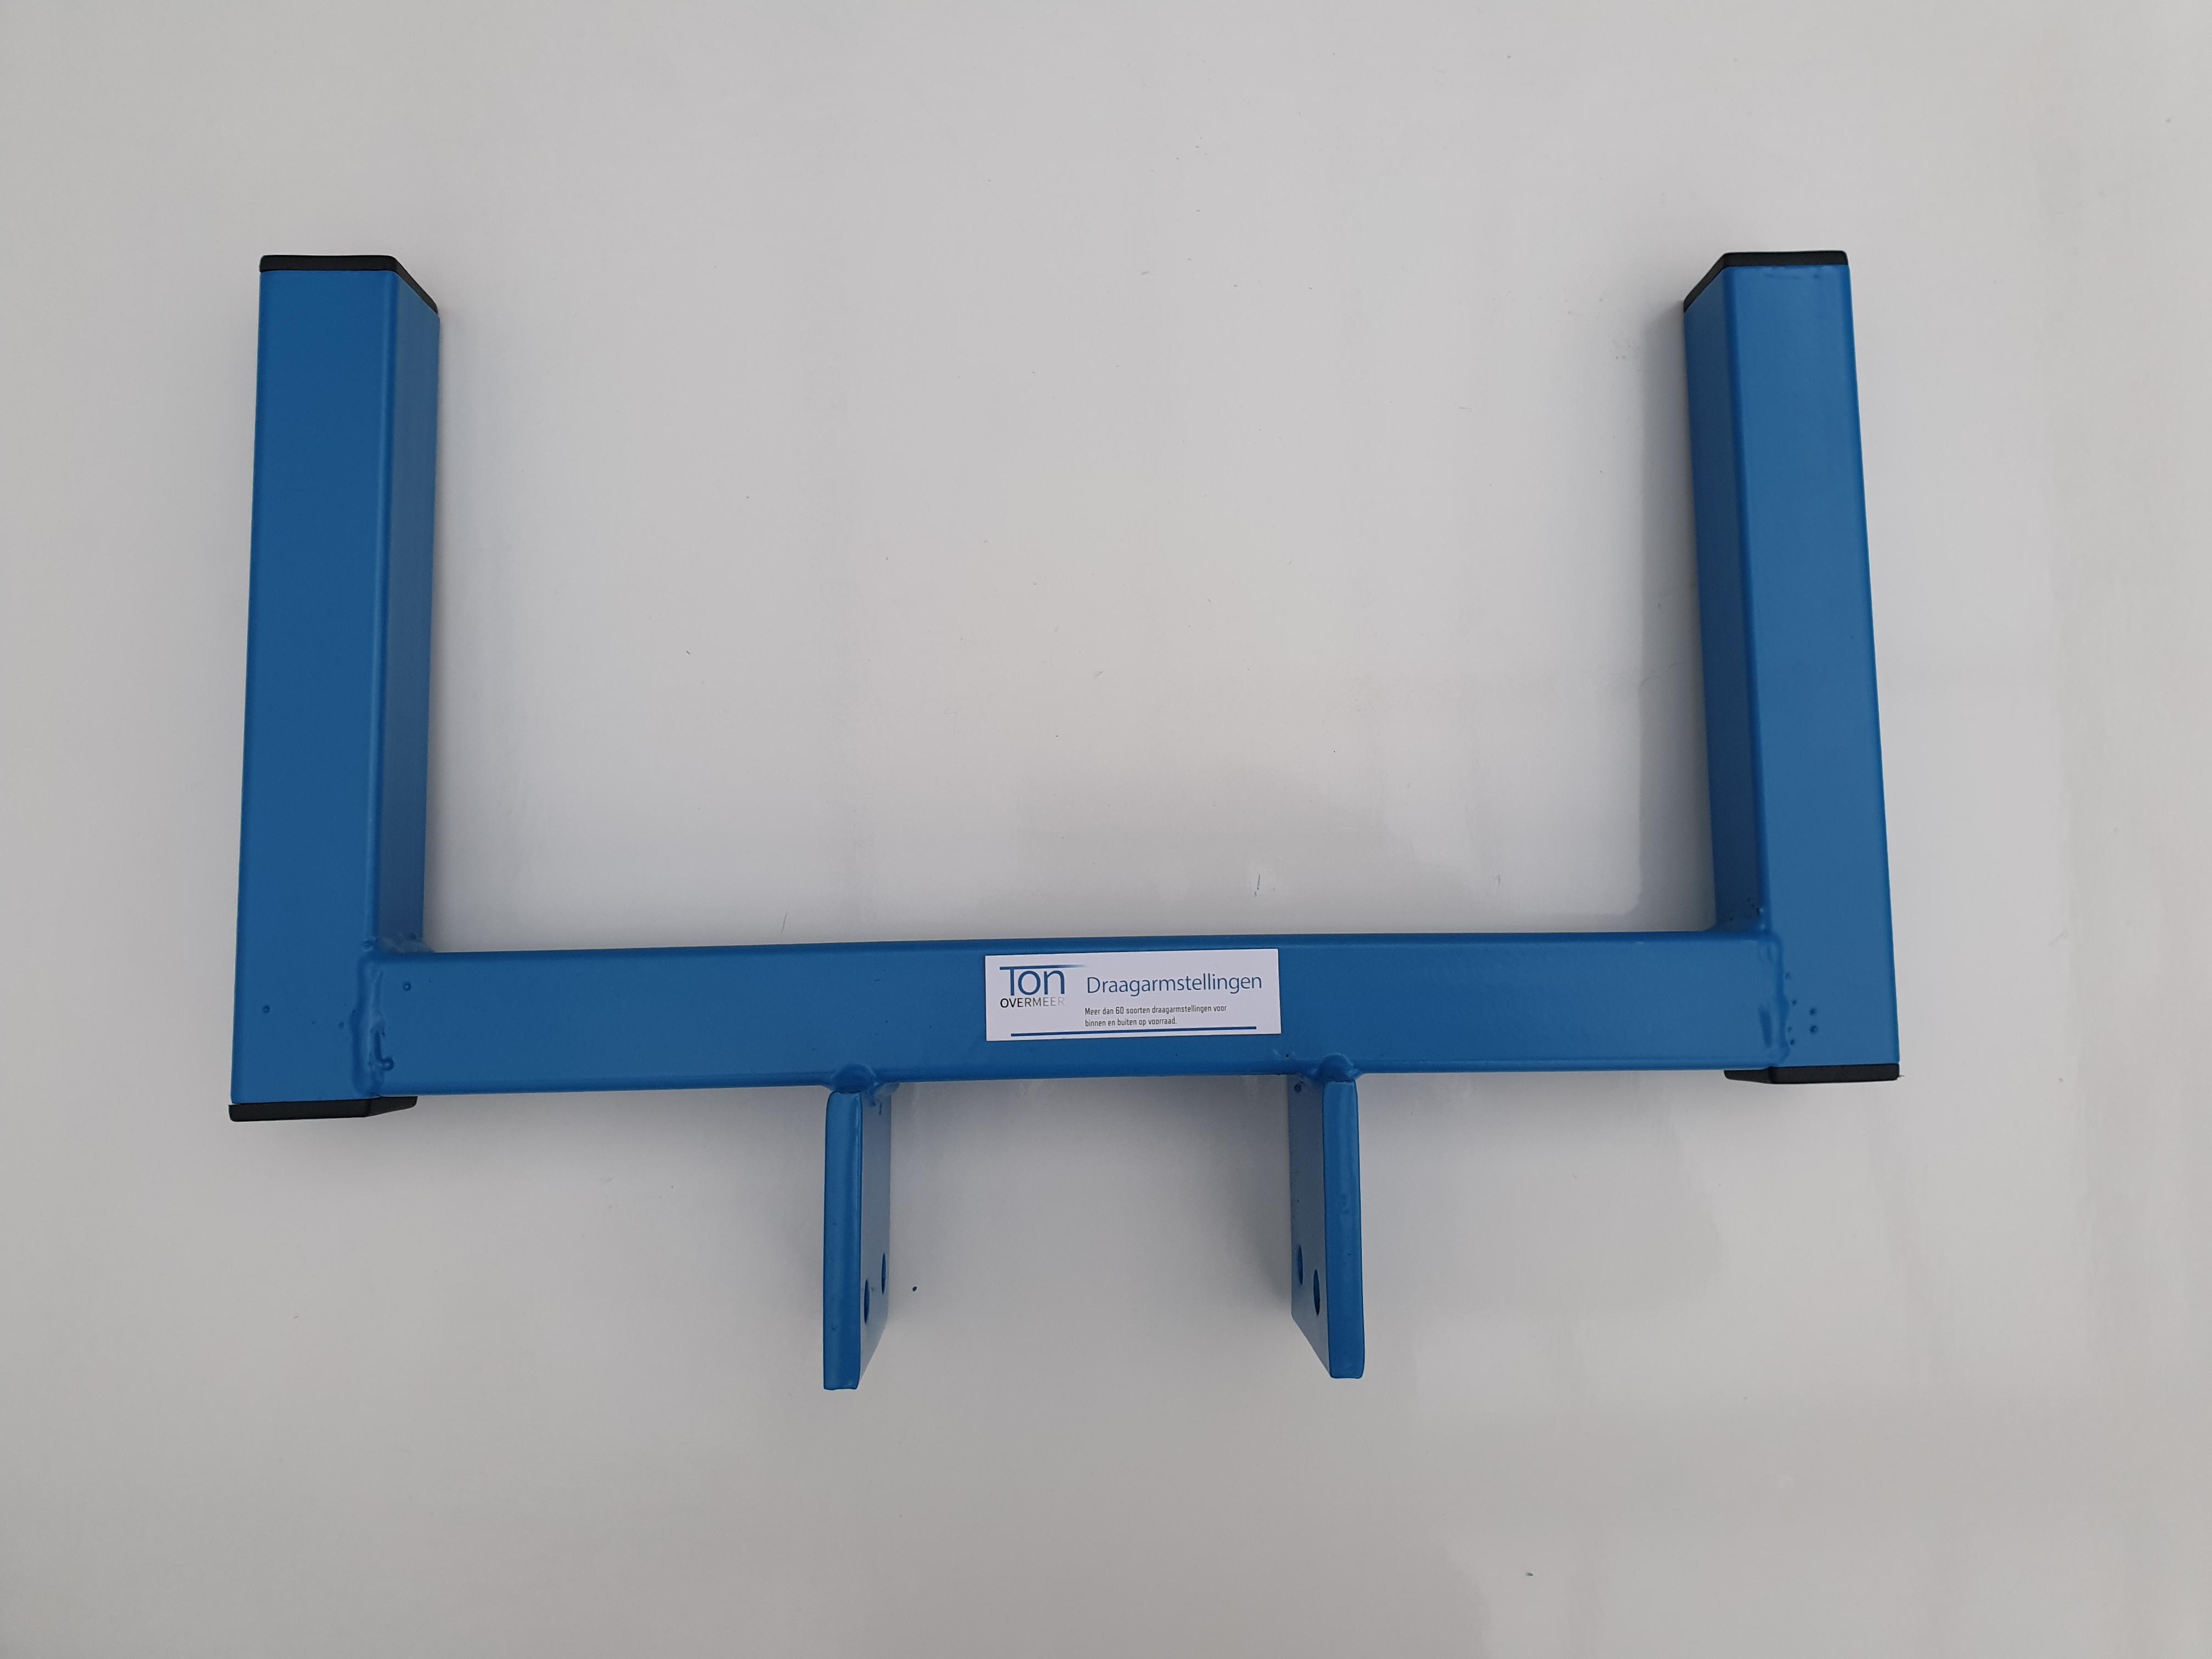 U-koppelstuk voor bovenop staander